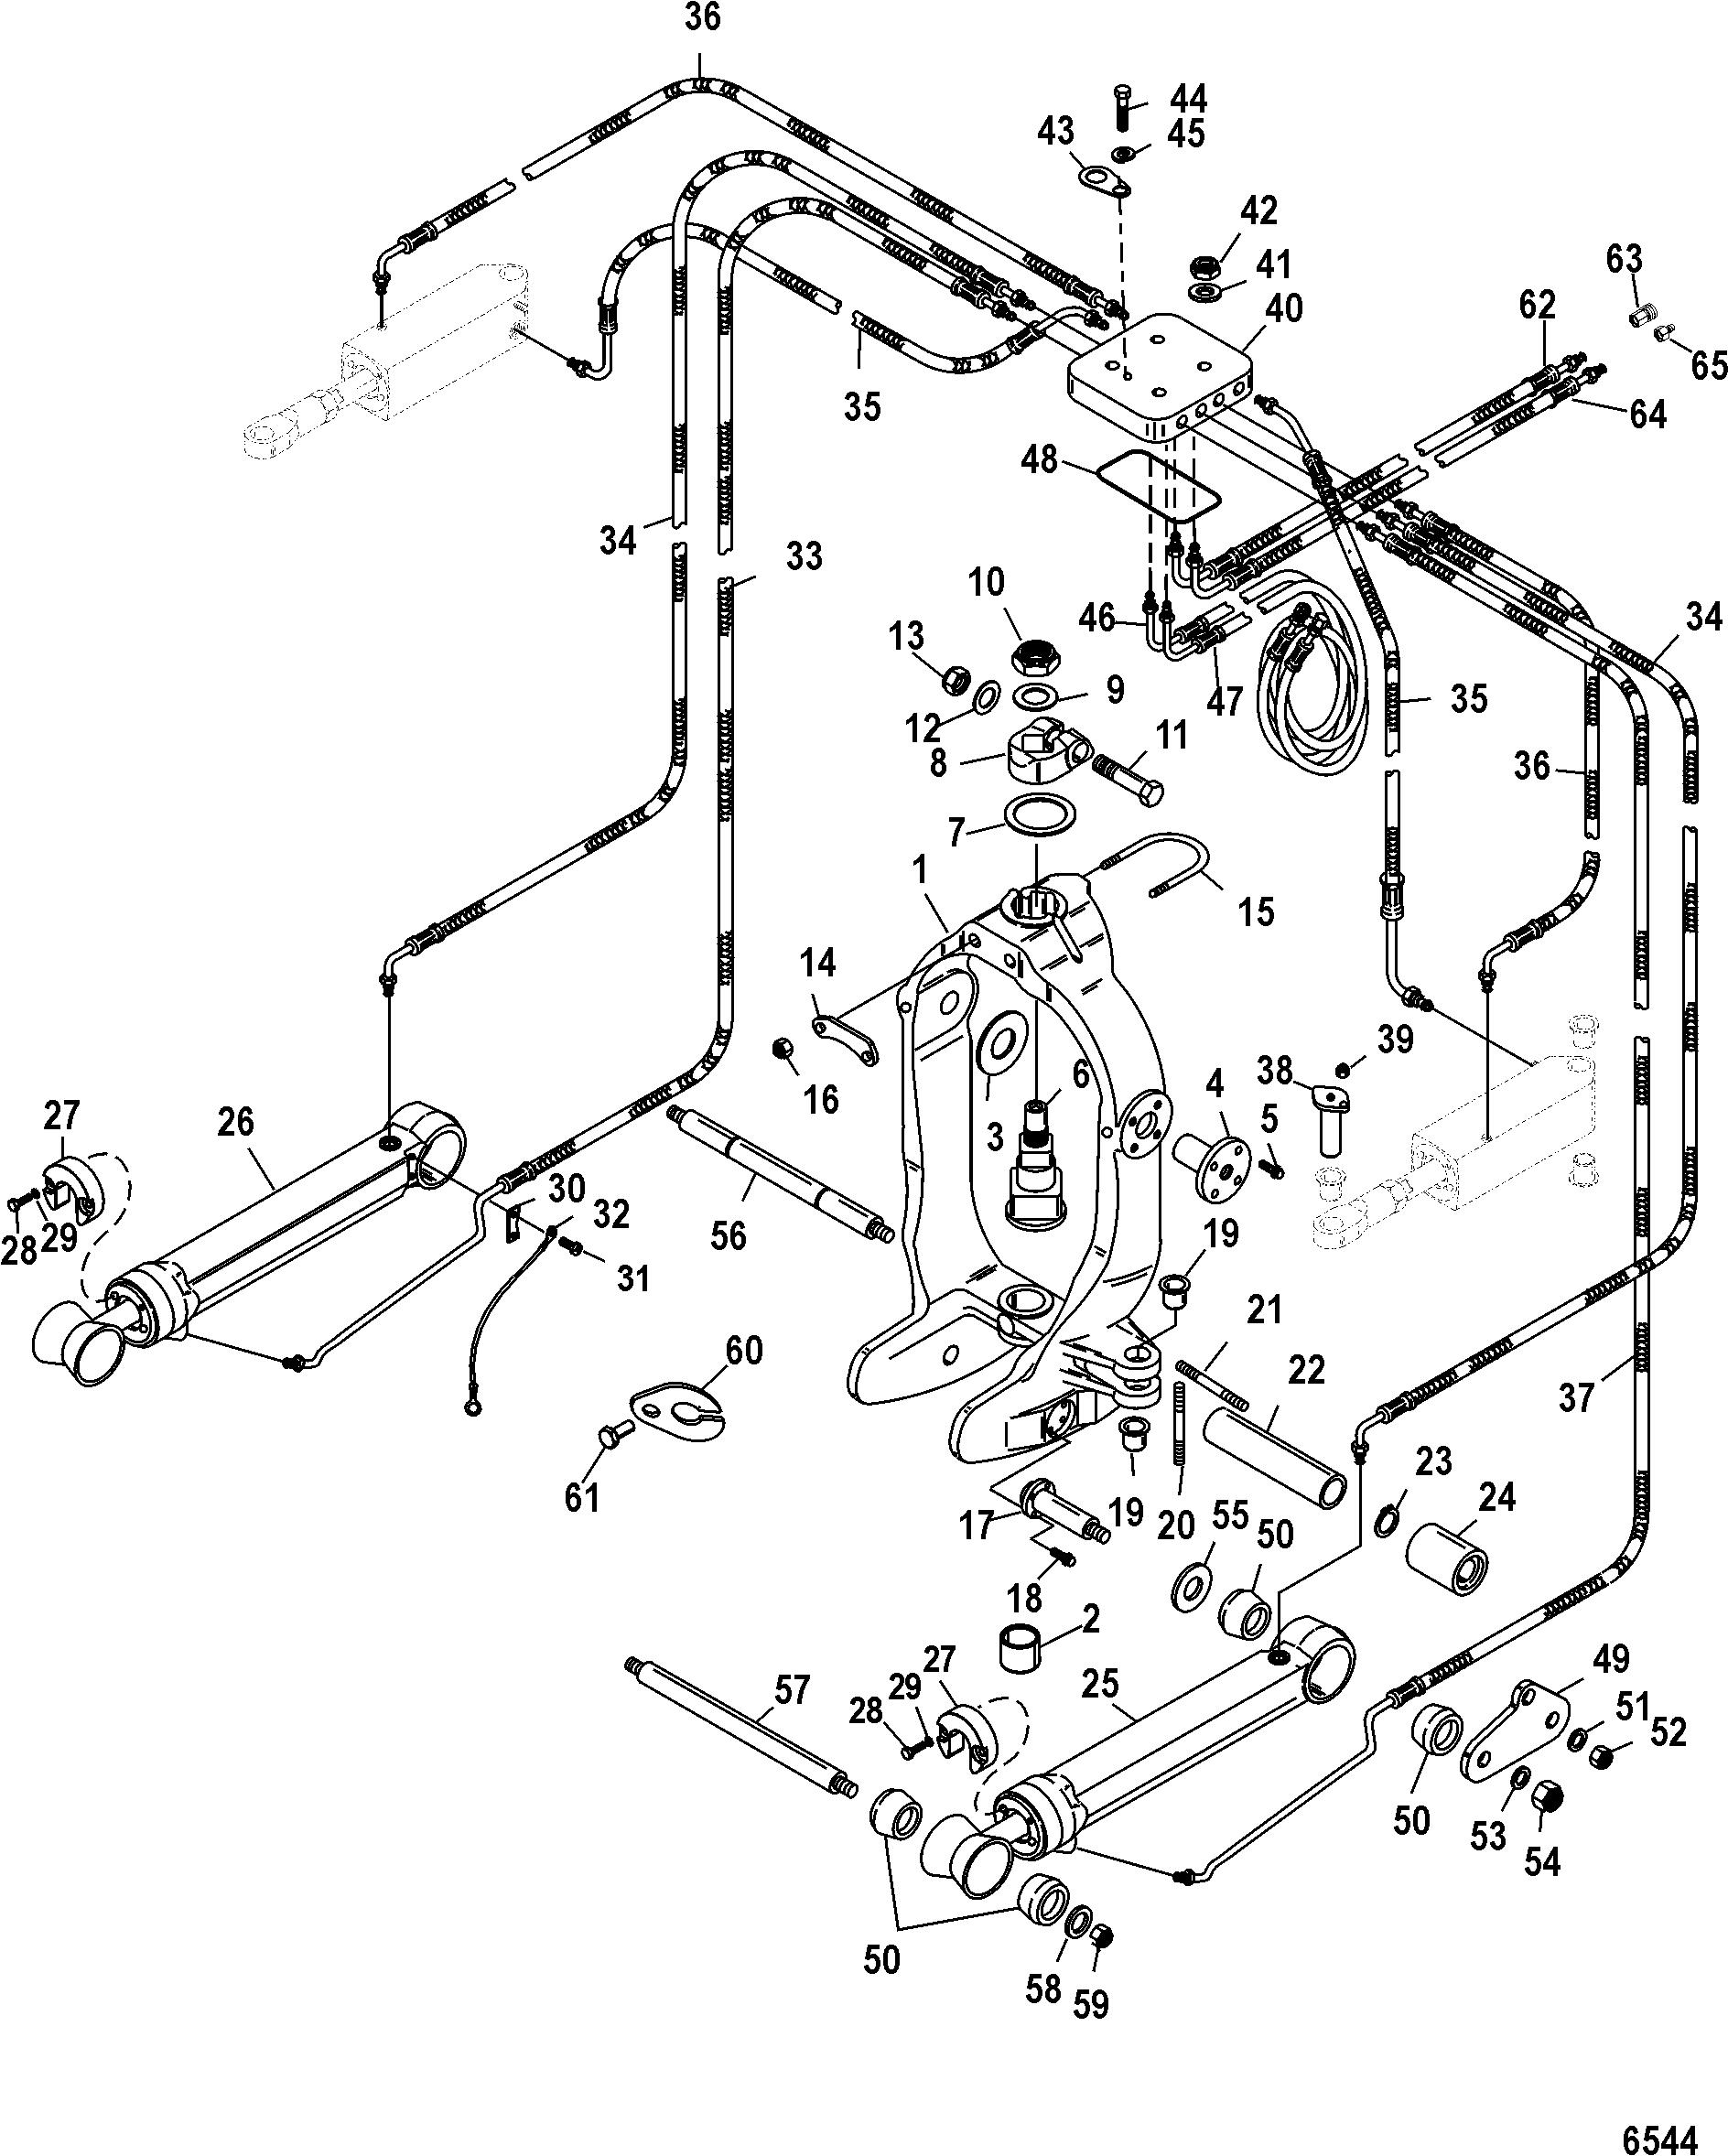 Gimbal Ring Integrated Transom For Mercruiser Race Sterndrive Bravo Xr I